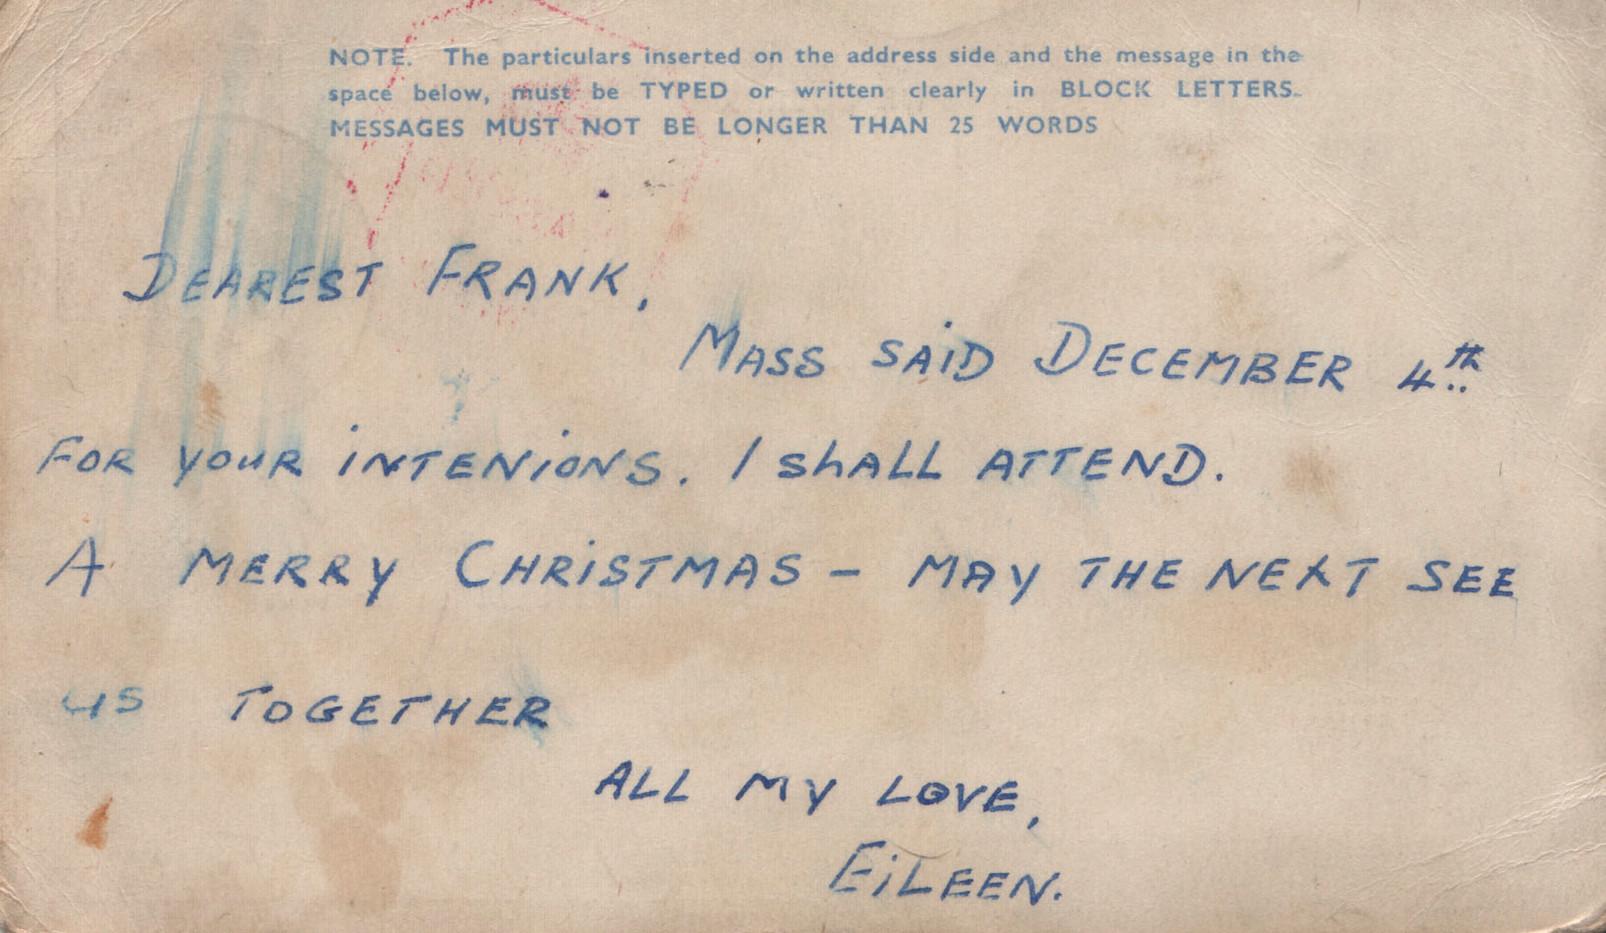 1944.11.07. Eileen